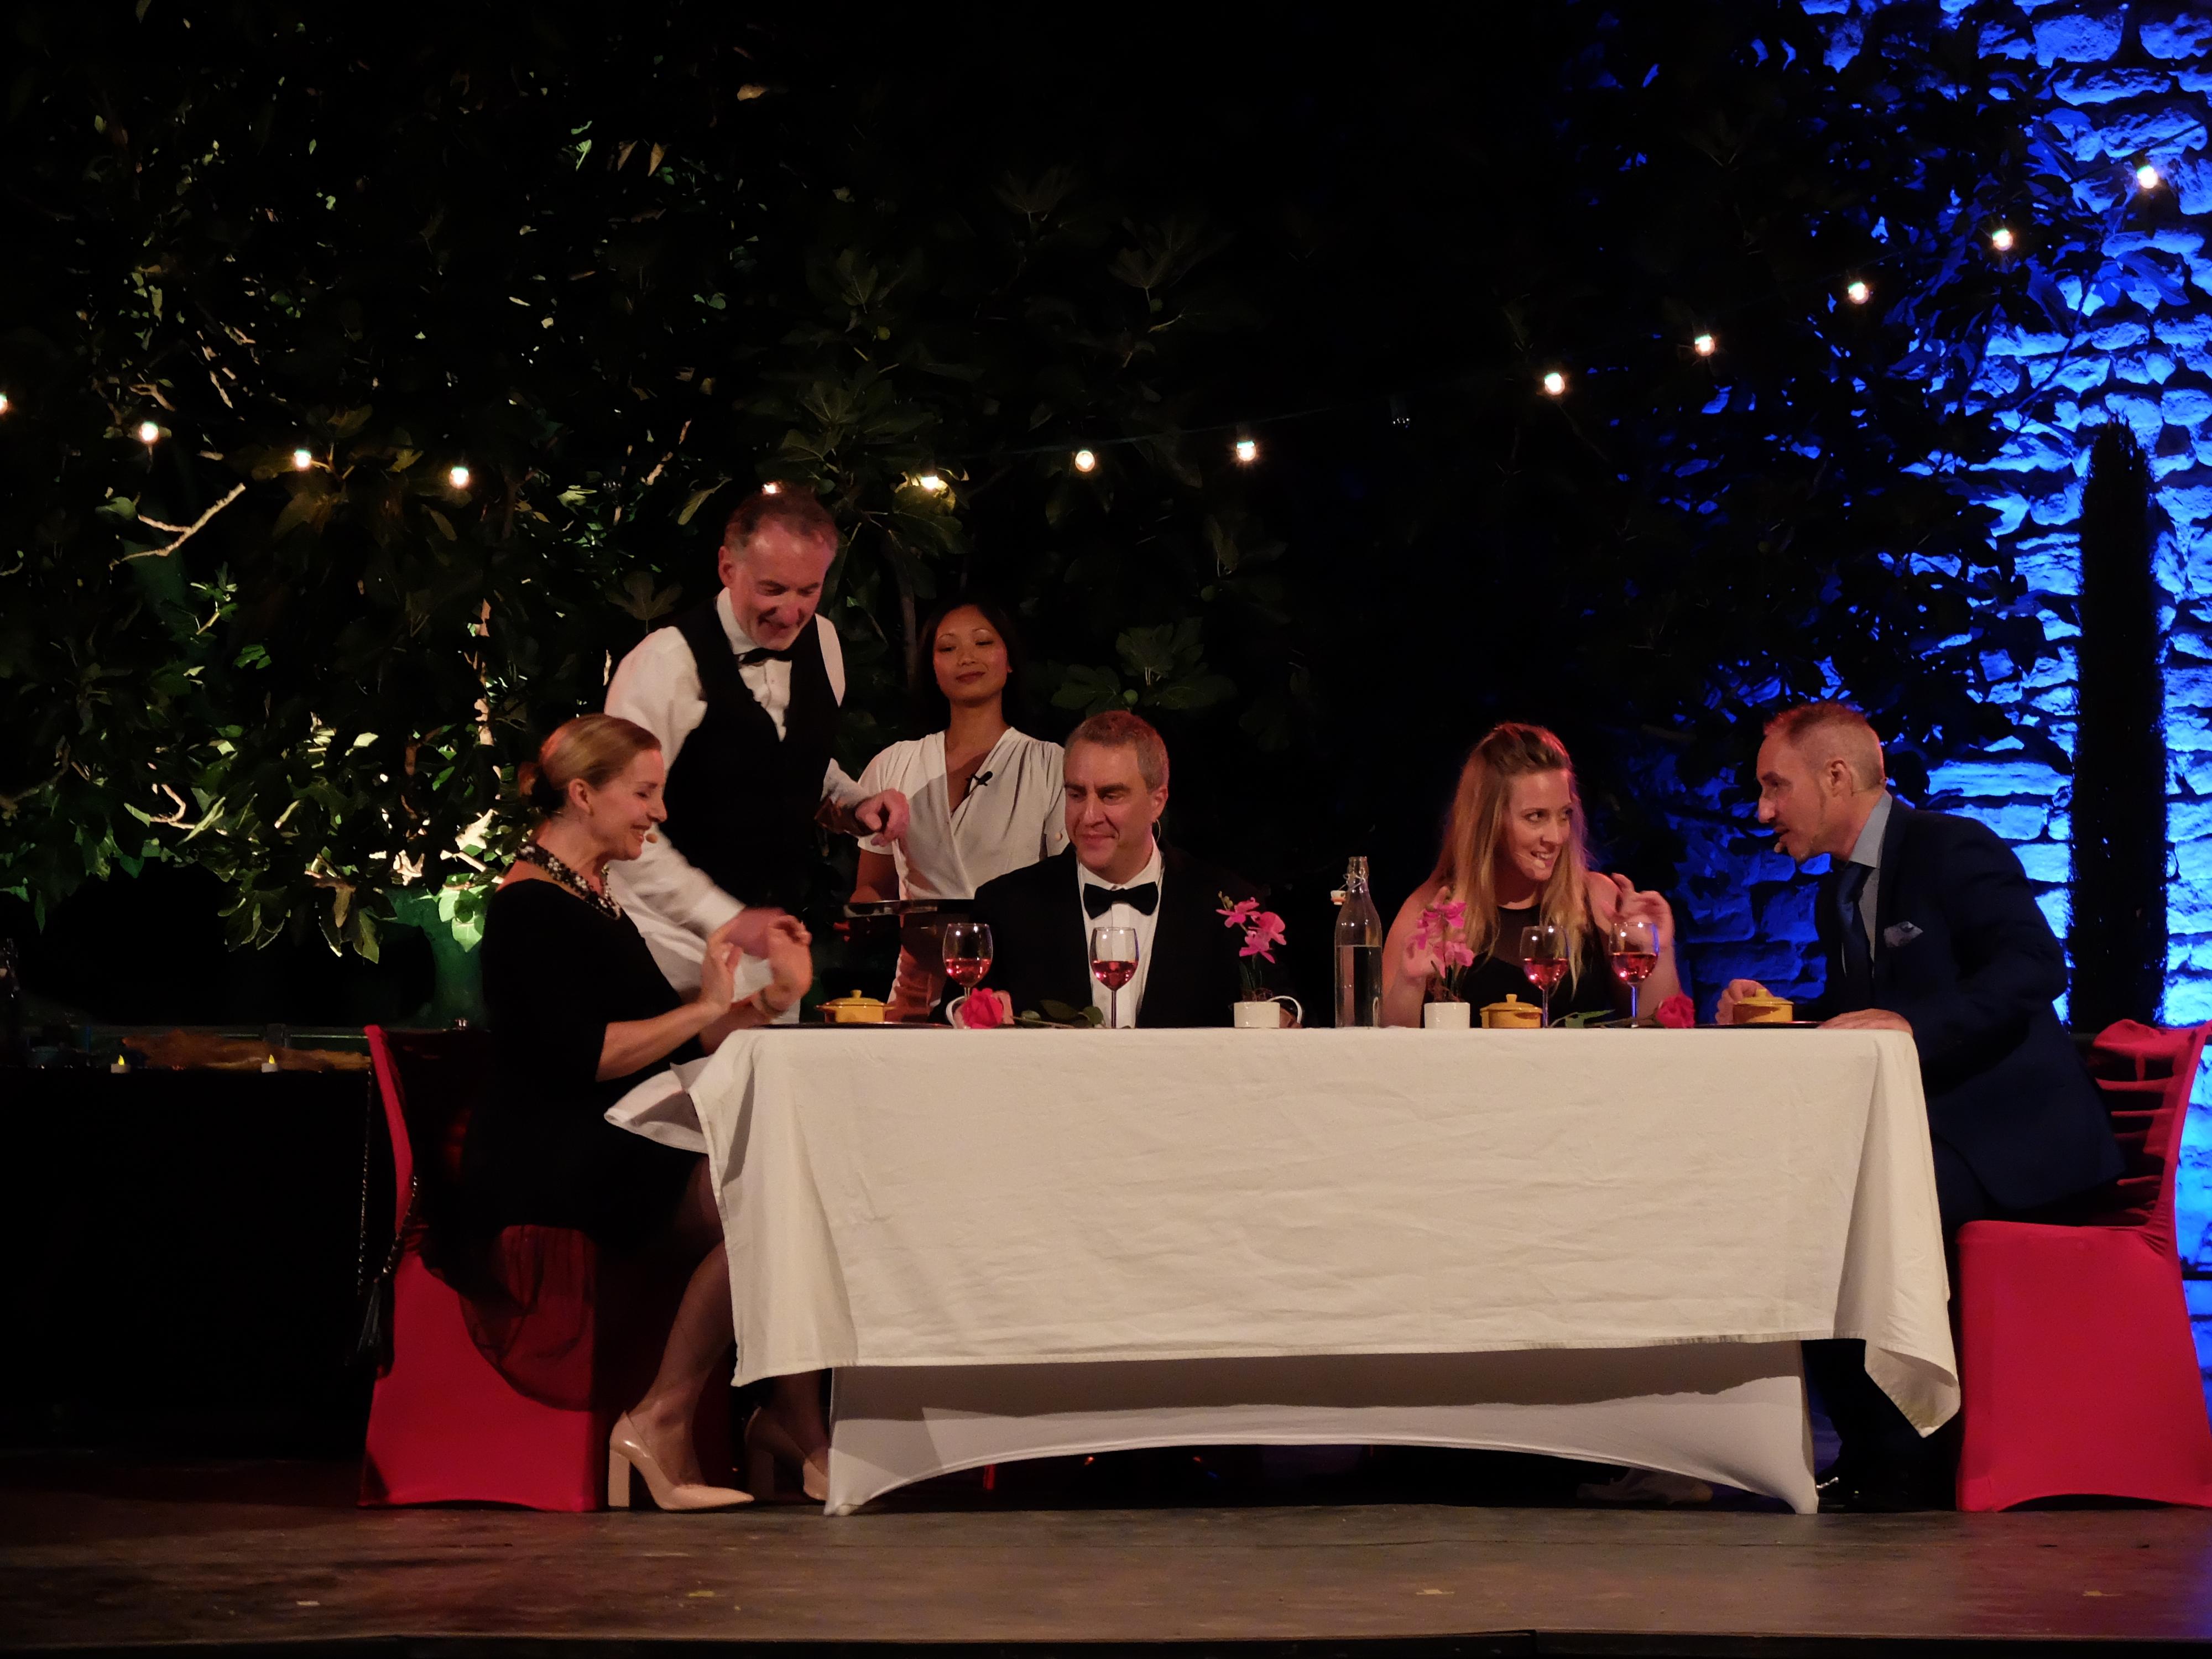 L'Opéra à votre table